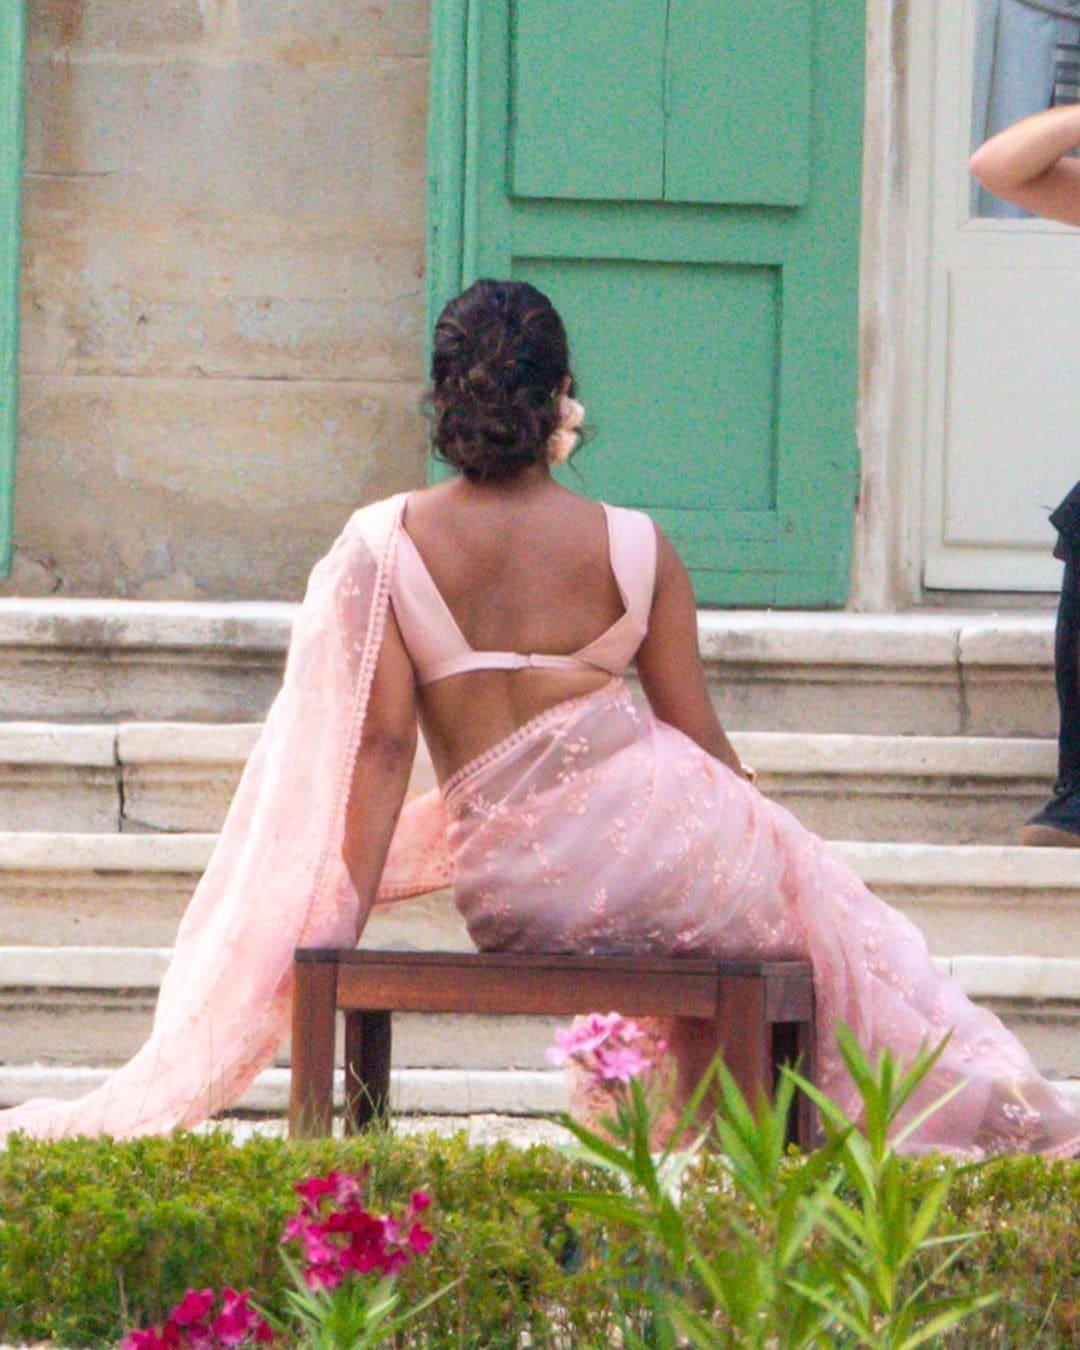 జోయ్ జోనస్ పెళ్లి వేడుకలో ఫోటోకు ఫోజులిస్తున్న ప్రియాంక Photo: Instagram